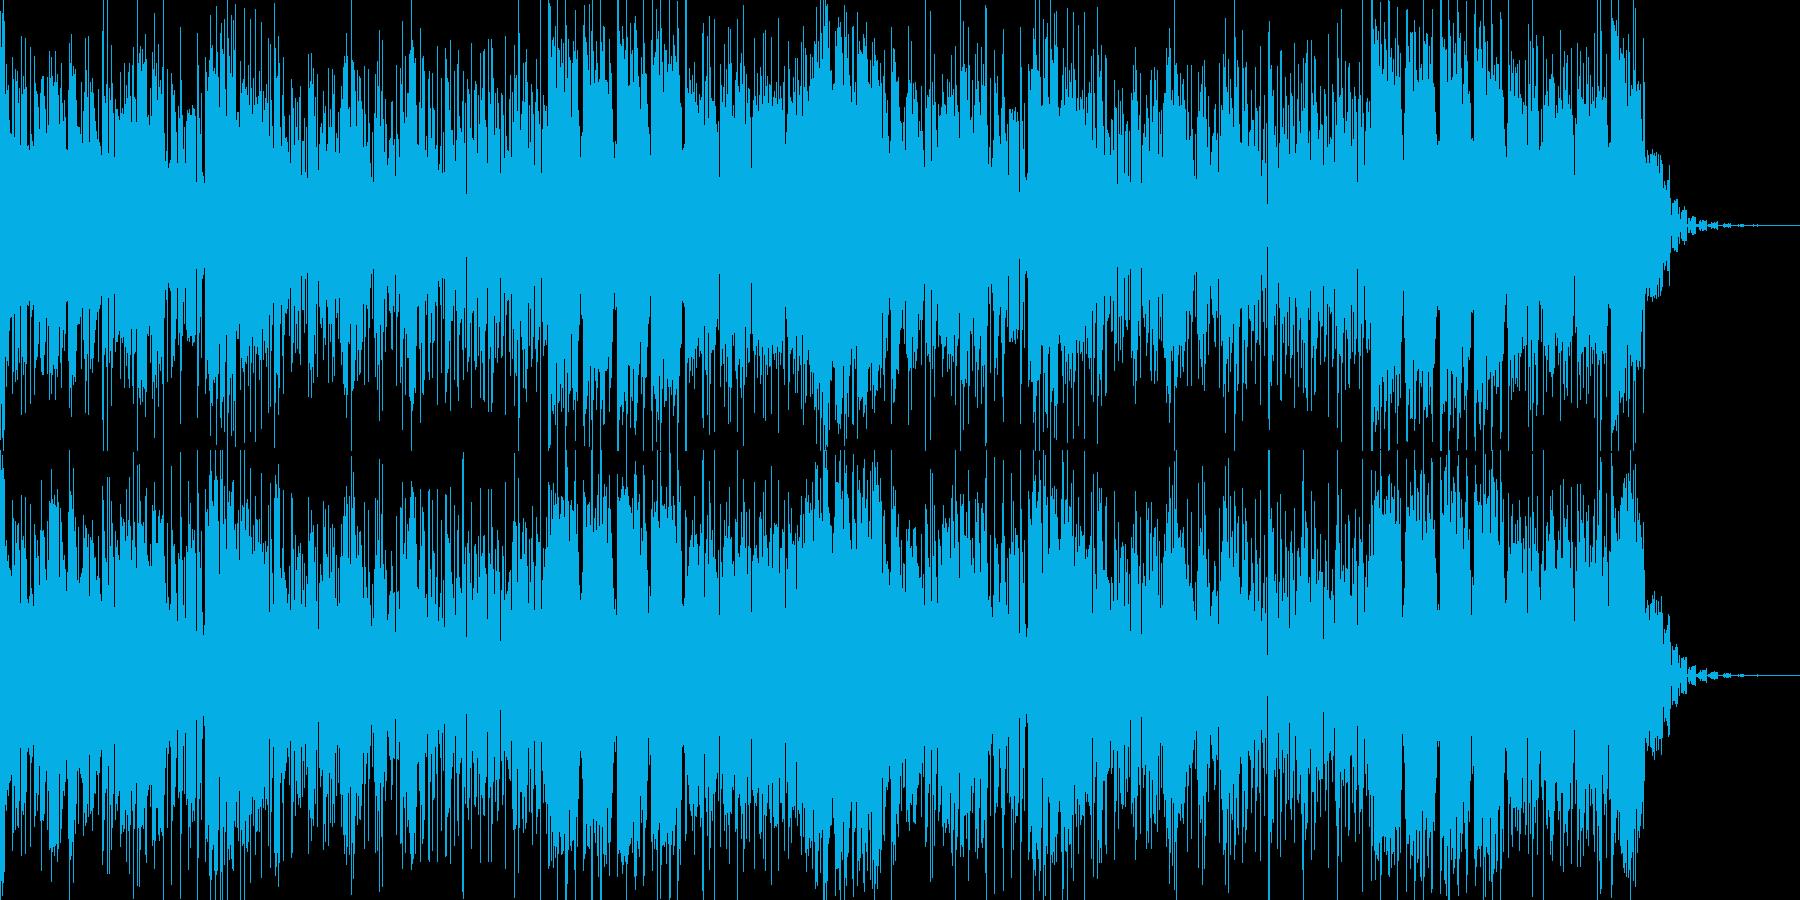 フォーリーなアンビエント風のIDMの再生済みの波形